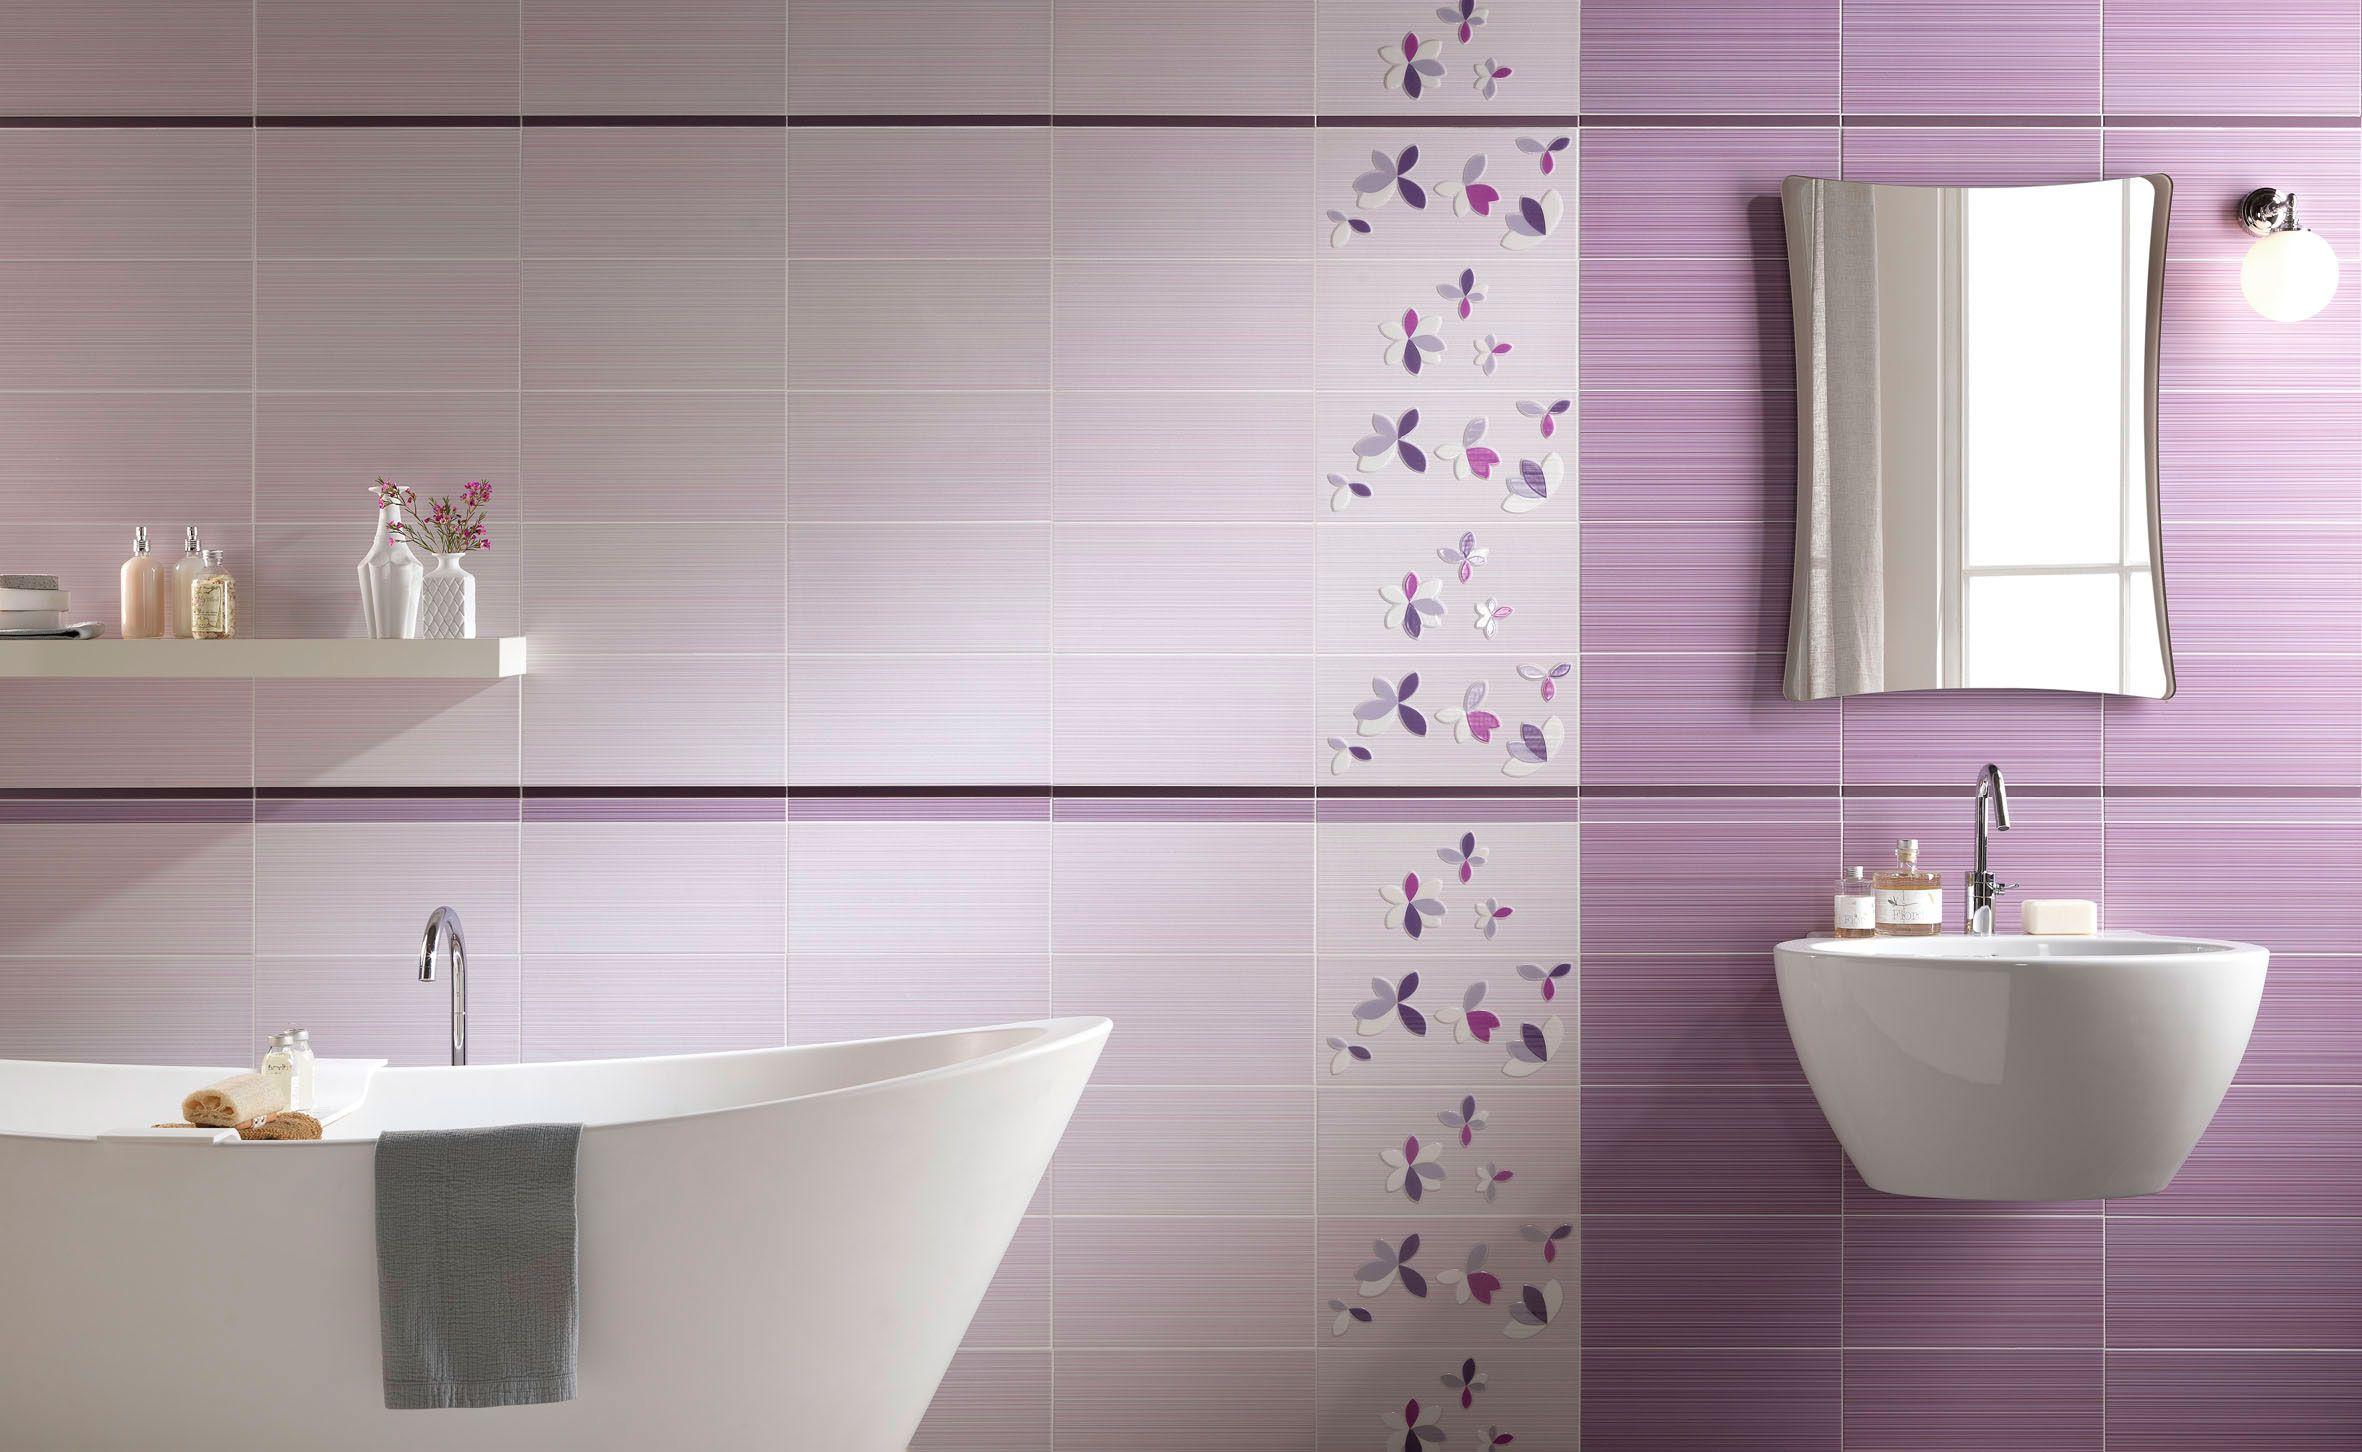 Piastrelle Bagno Mosaico Viola lafaenza ceramiche | bagni moderni, arredamento bagno, bagno